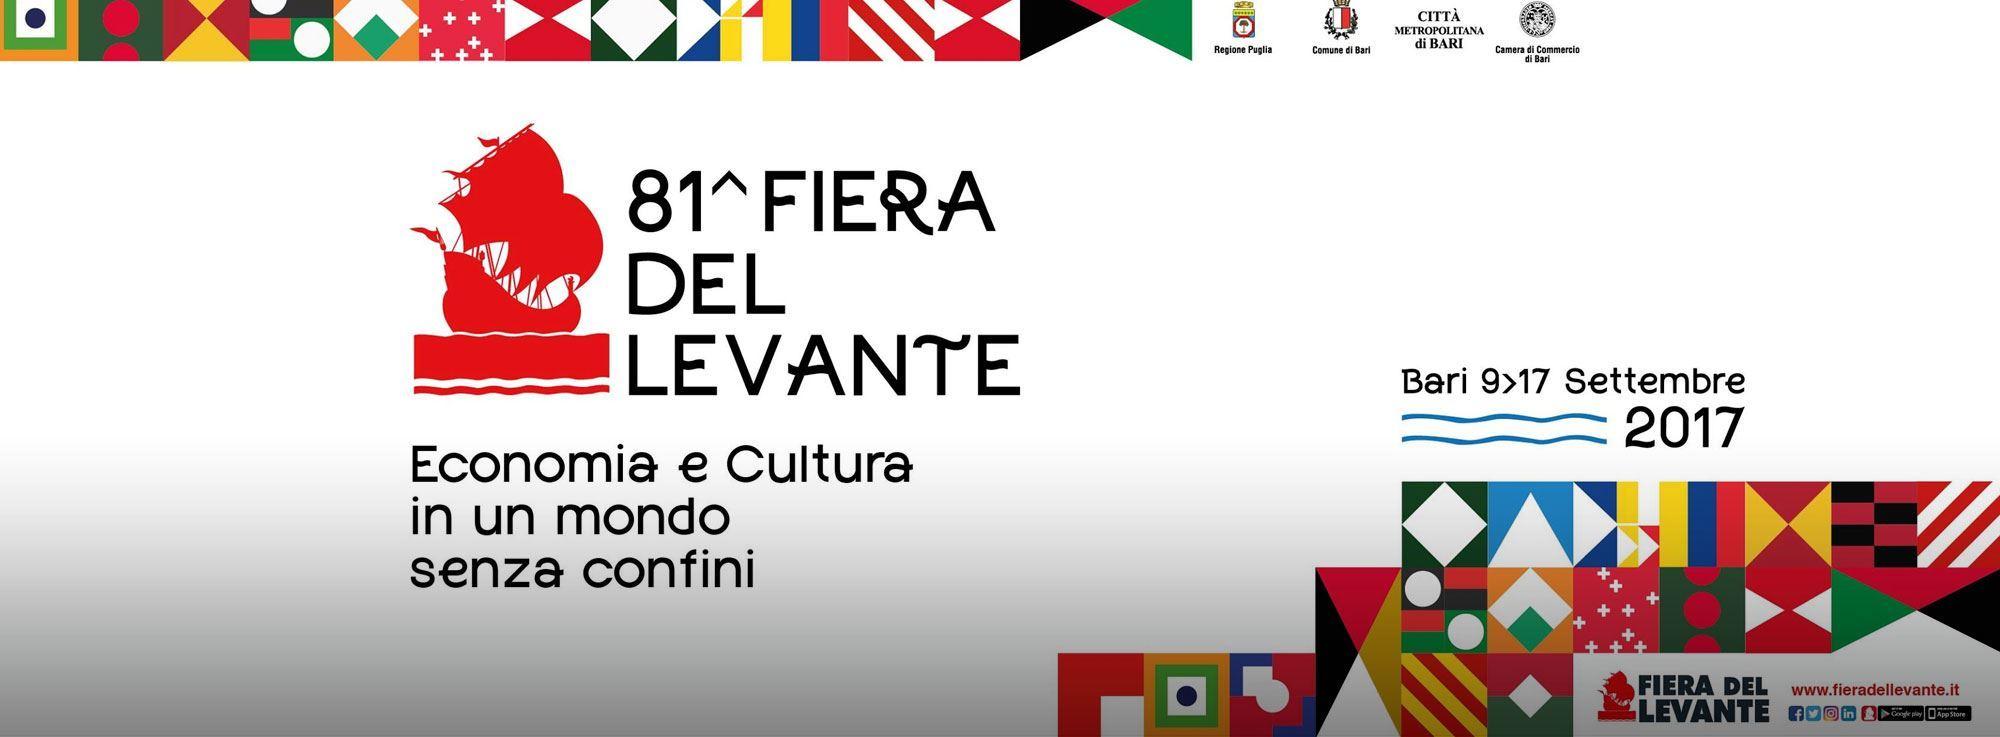 Bari: Fiera del Levante, 81esima edizione